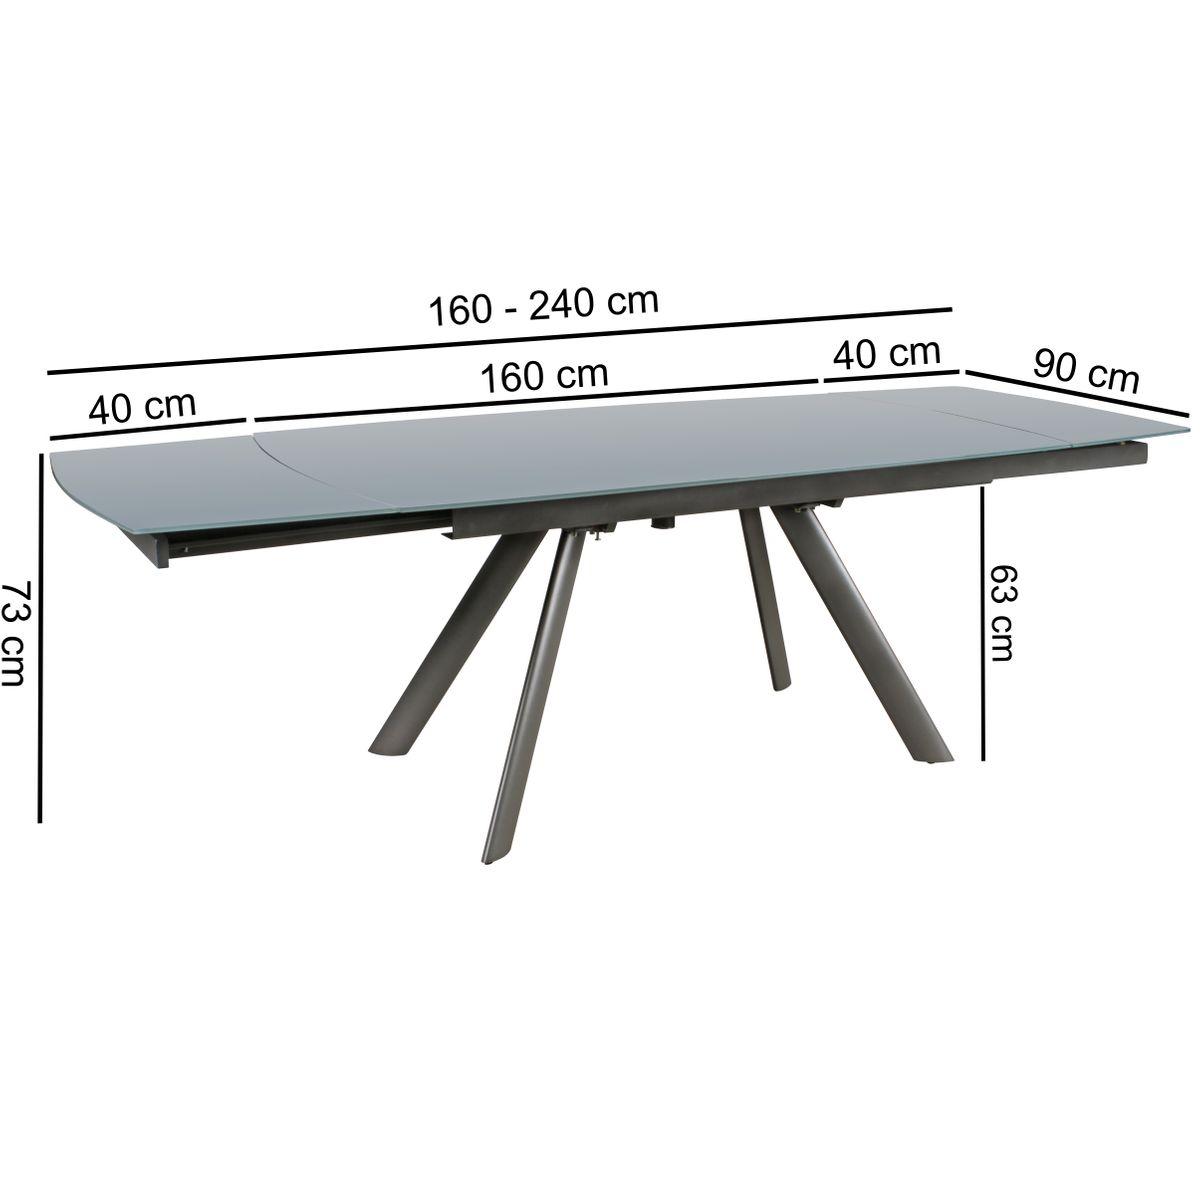 esstisch 160 240 cm ausziehbar k chentisch metall esszimmertisch glas tisch ebay. Black Bedroom Furniture Sets. Home Design Ideas